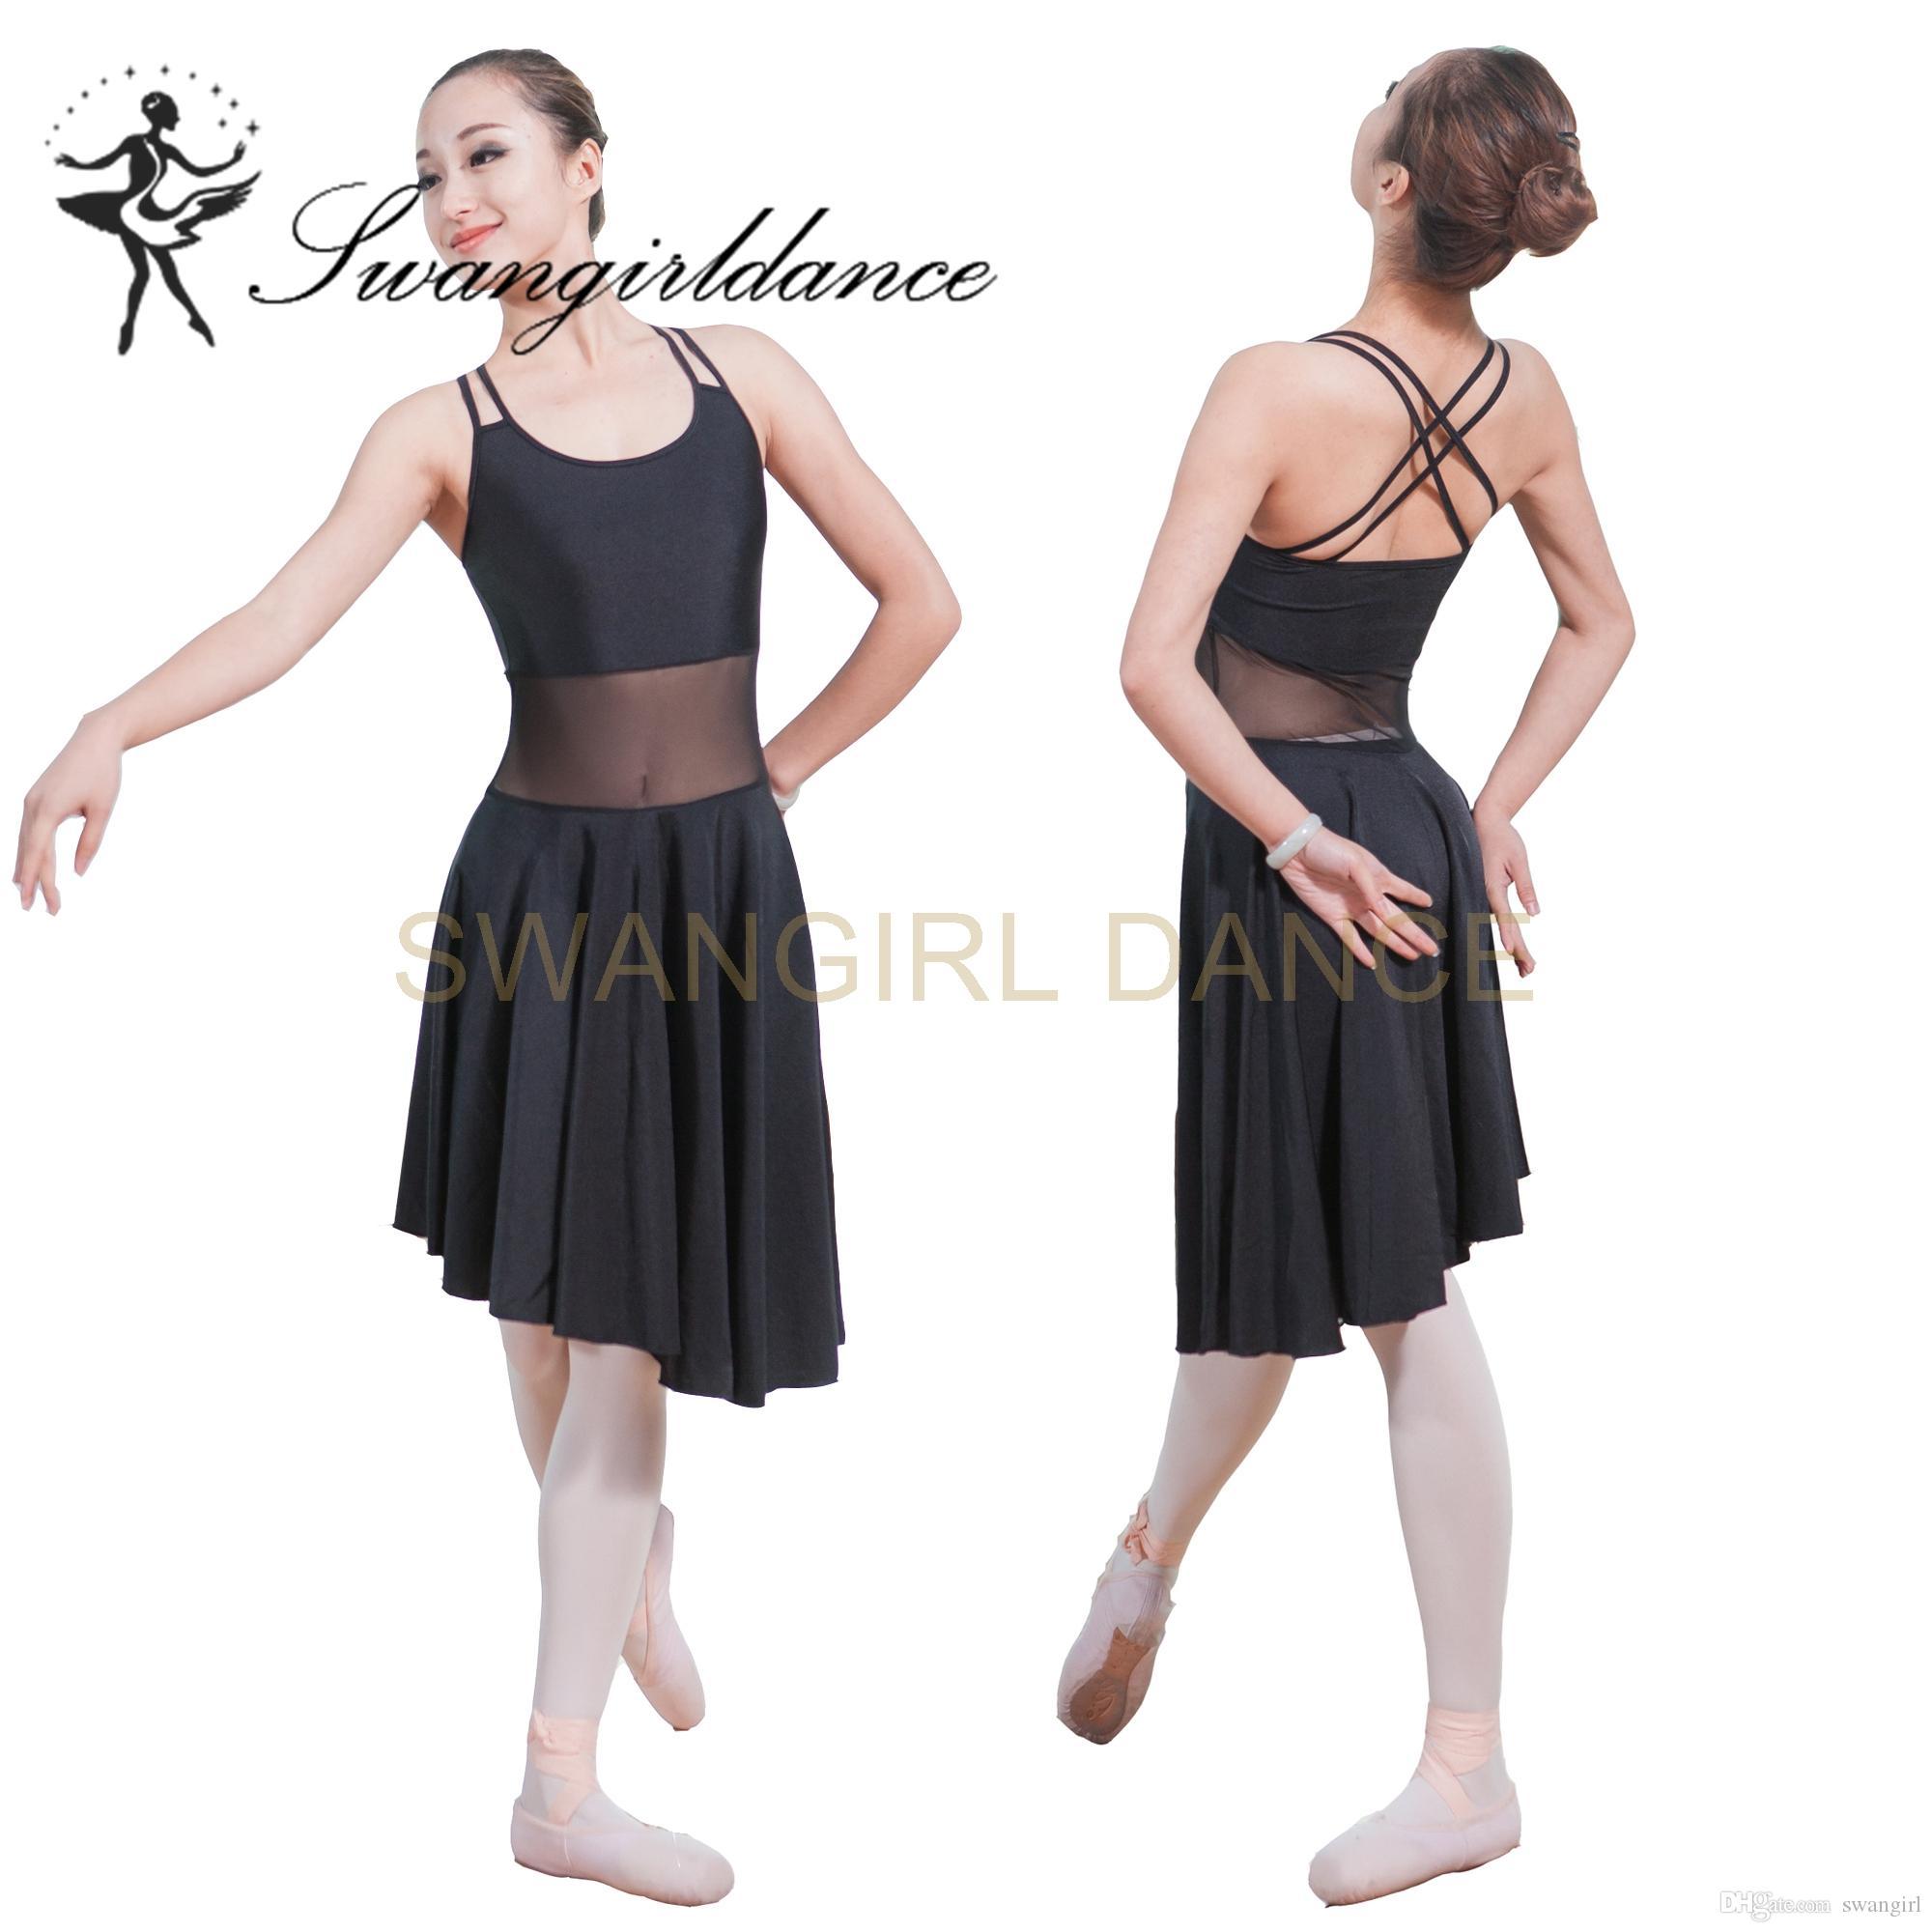 a4a515c955 Compre Mulheres Camisola Dupla Sexy Professional Ballet Dança Vestido  Lírico Meninas Adultas Vestido De Dança Latina ML6029 De Swangirl